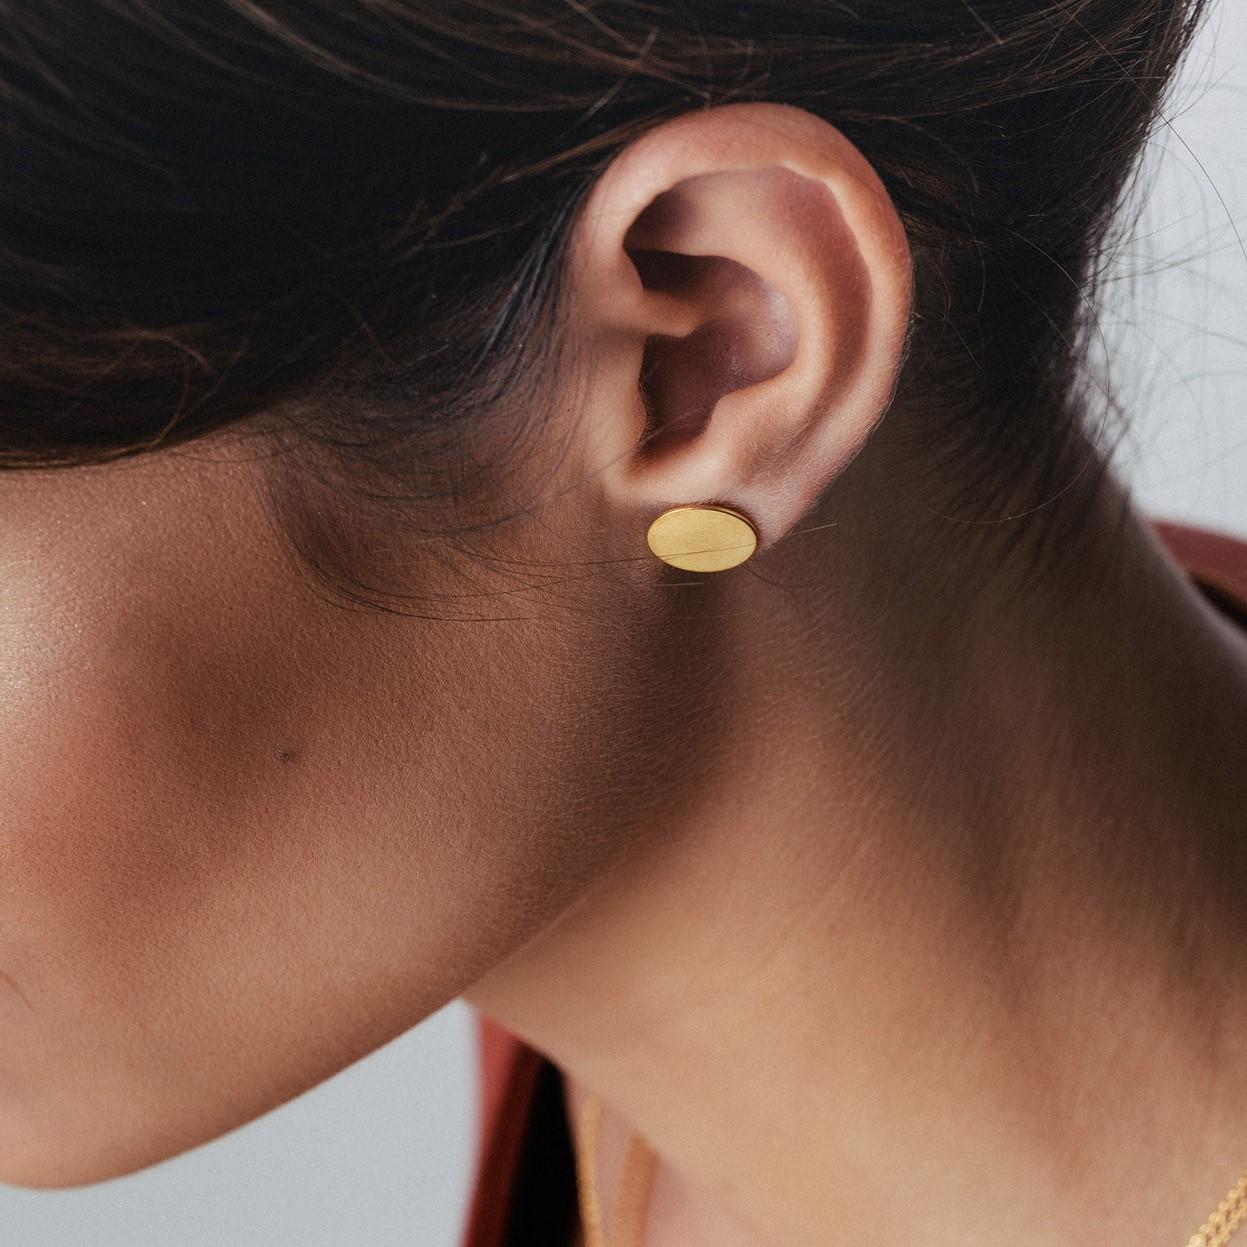 14K GOLD ROUND EARRING, MODEL 933